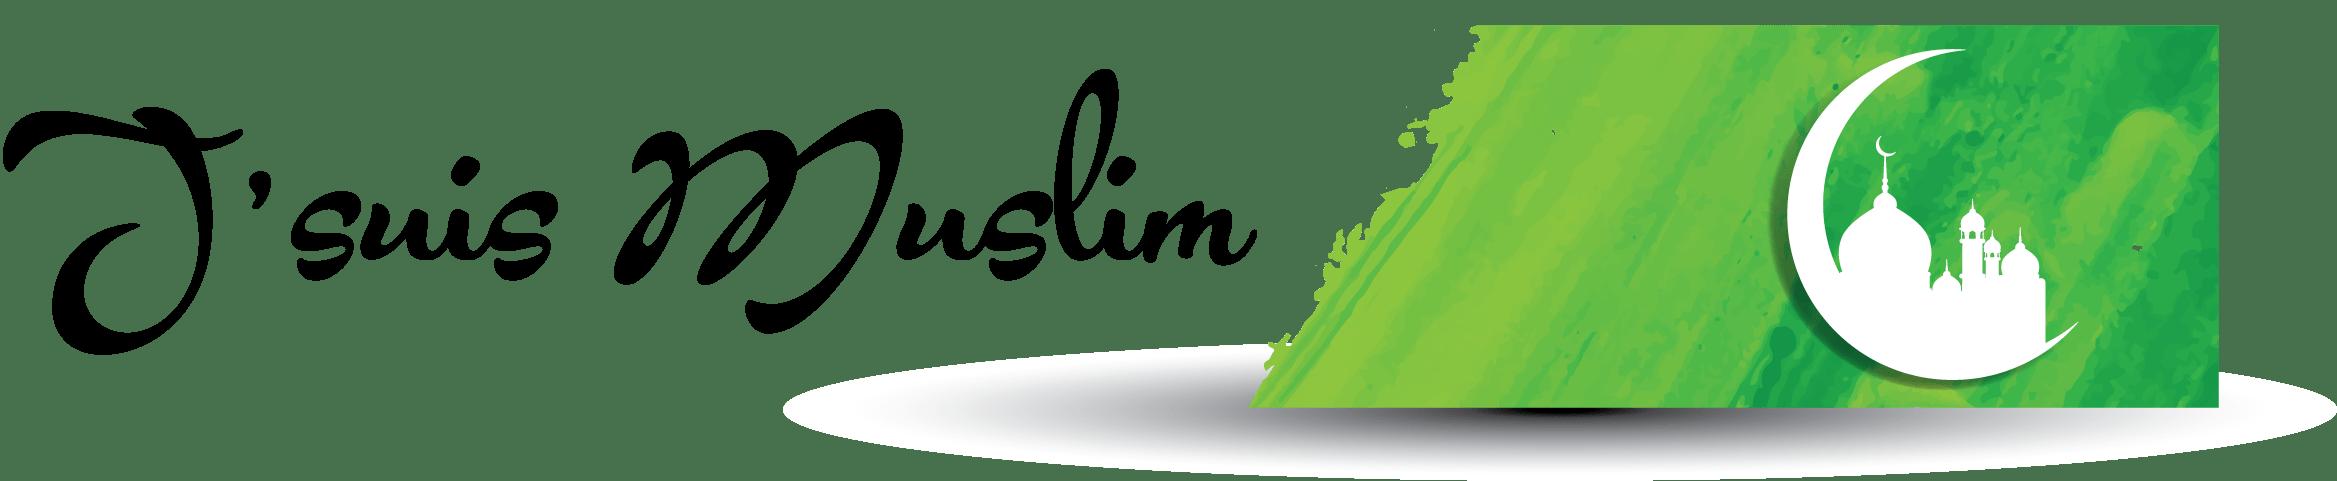 J'suisMuslim